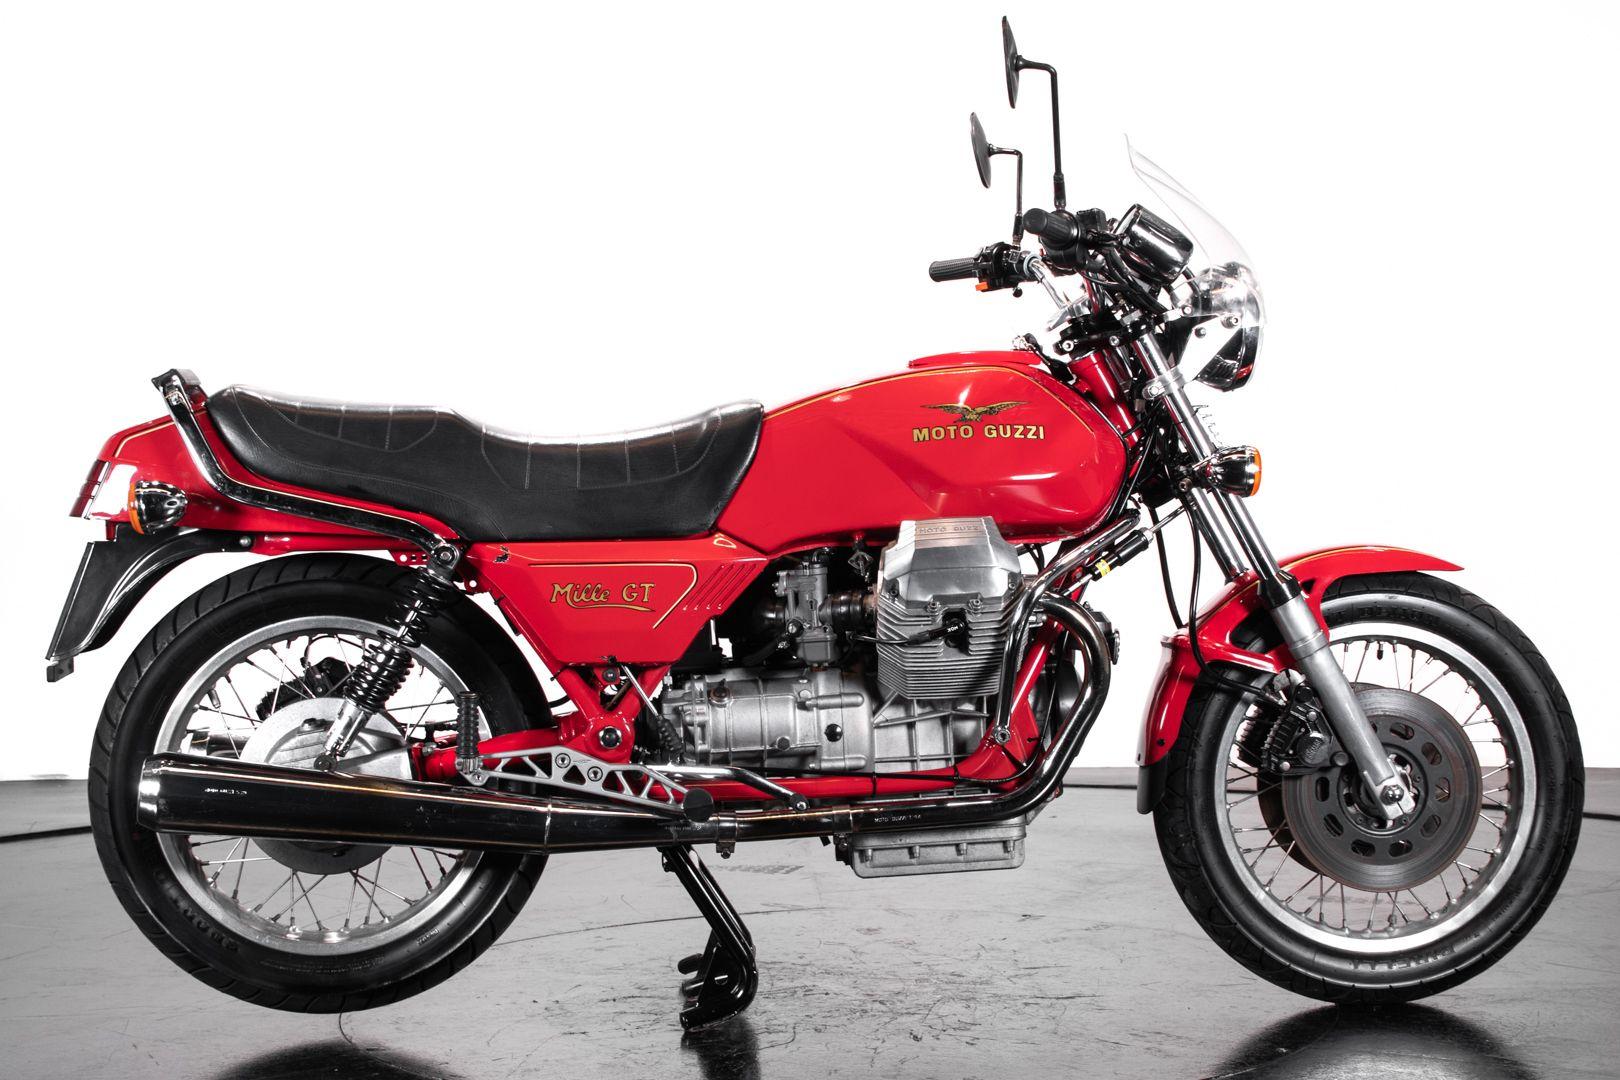 1991 Moto Guzzi GT 1000 69692